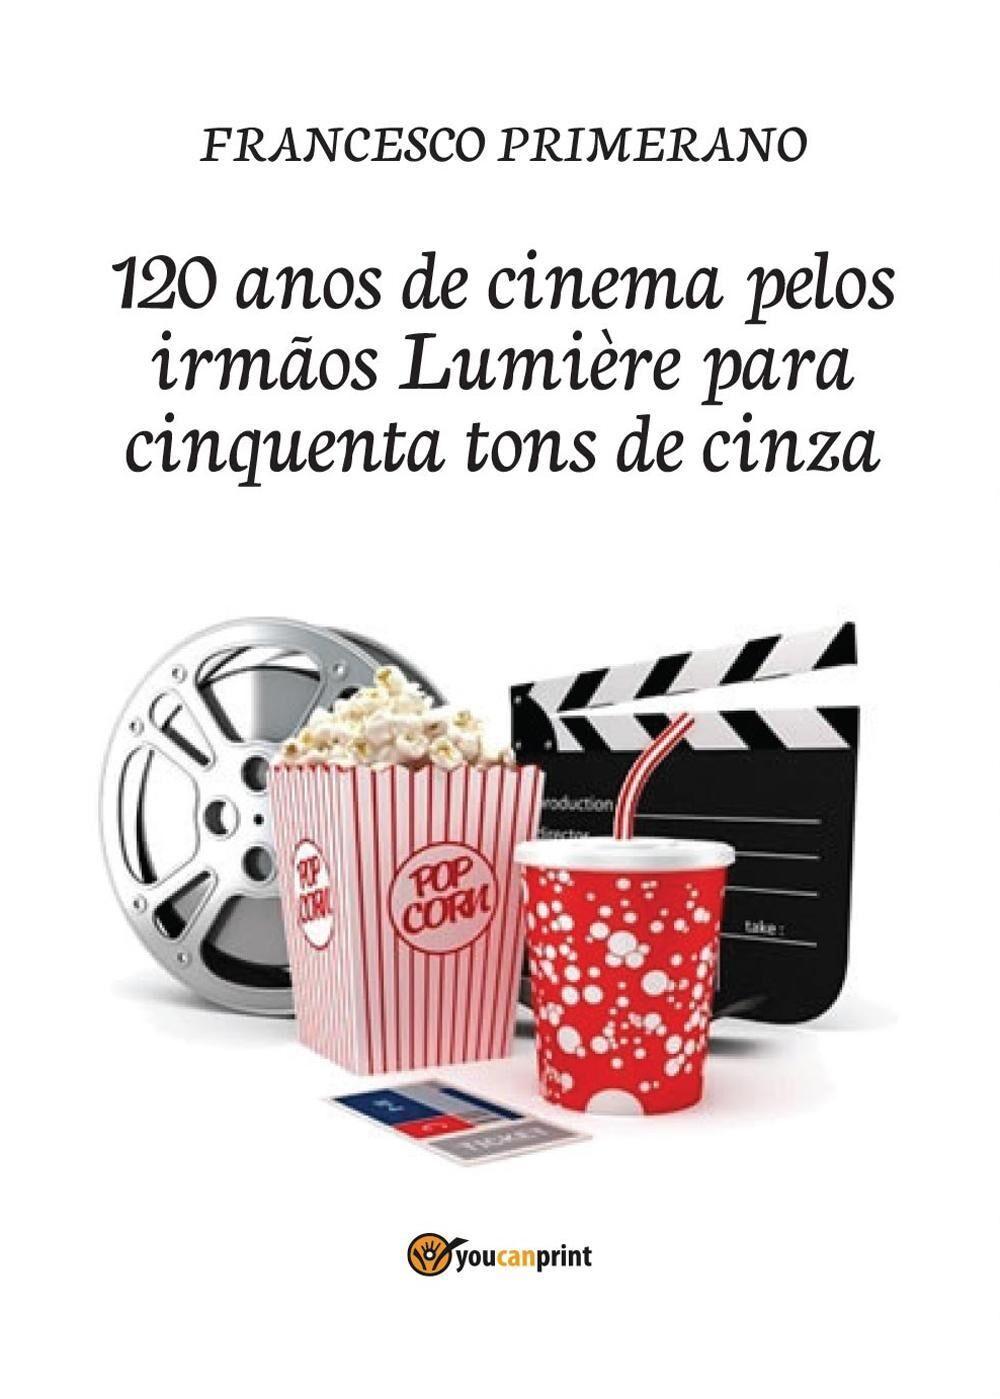 120 anos de cinema pelos irmãos Lumière para cinquenta tons de cinza